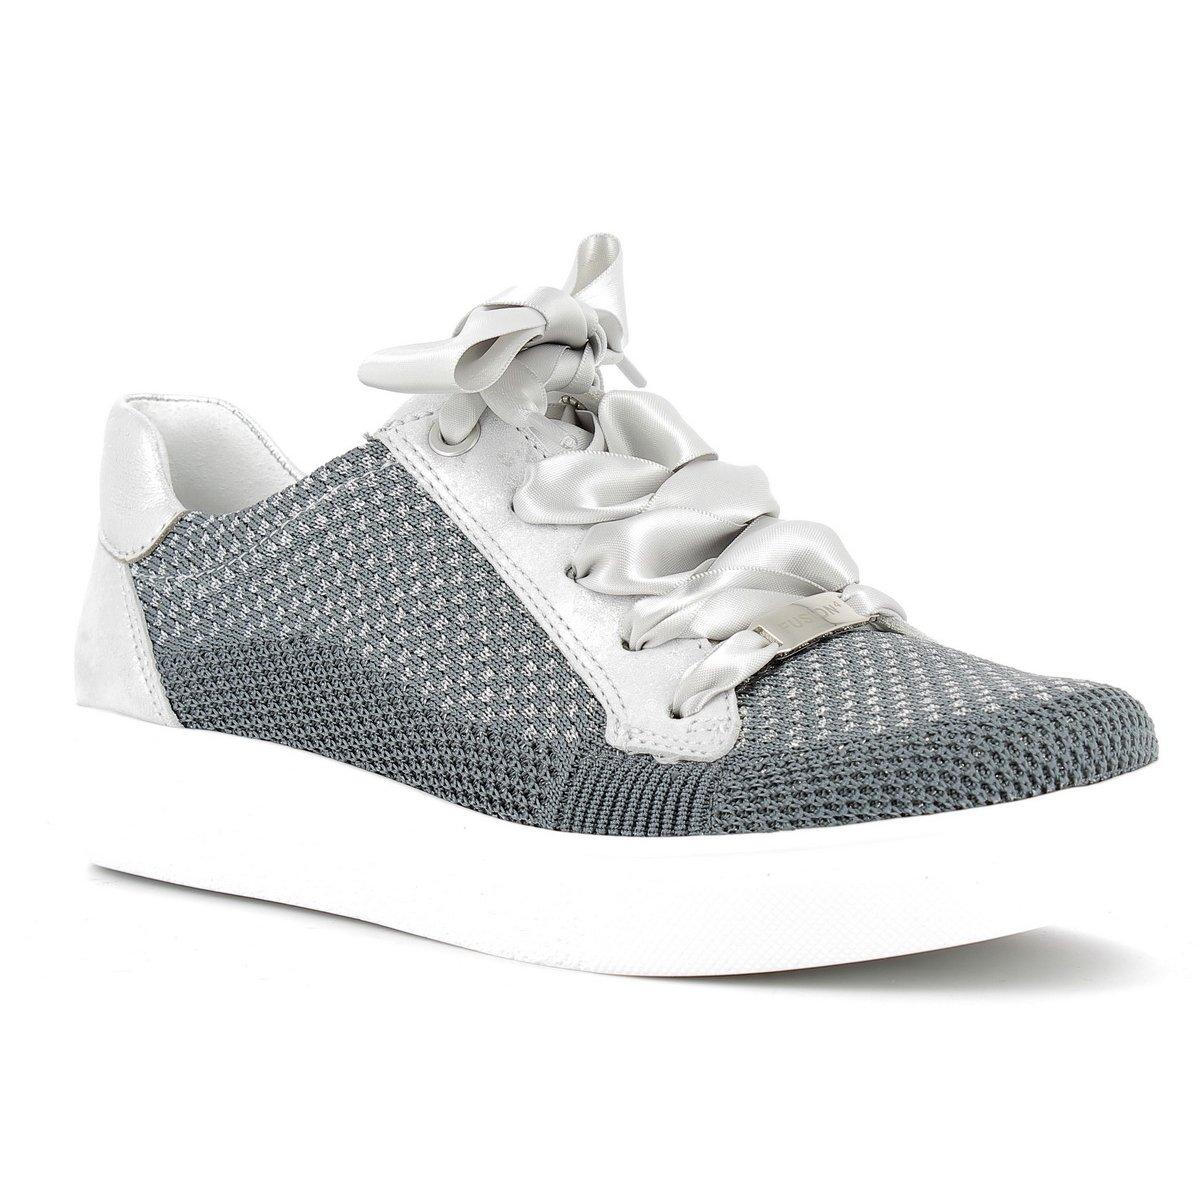 ara 1214582-07 - Zapatillas Para Mujer 36 EU|Gra-sil,silber